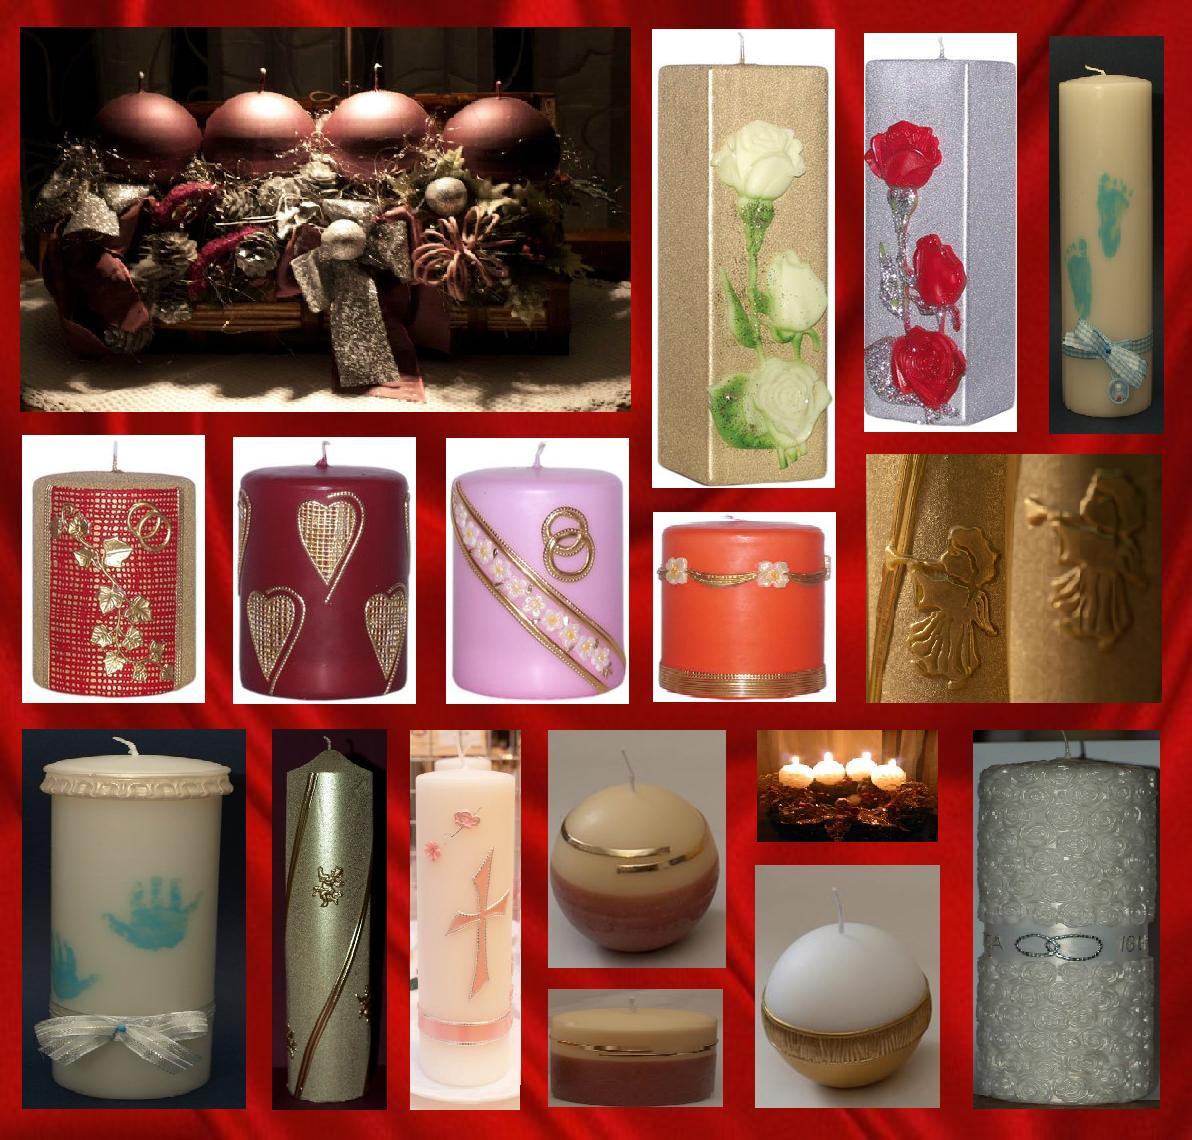 izrada svijeća - parafin produkt